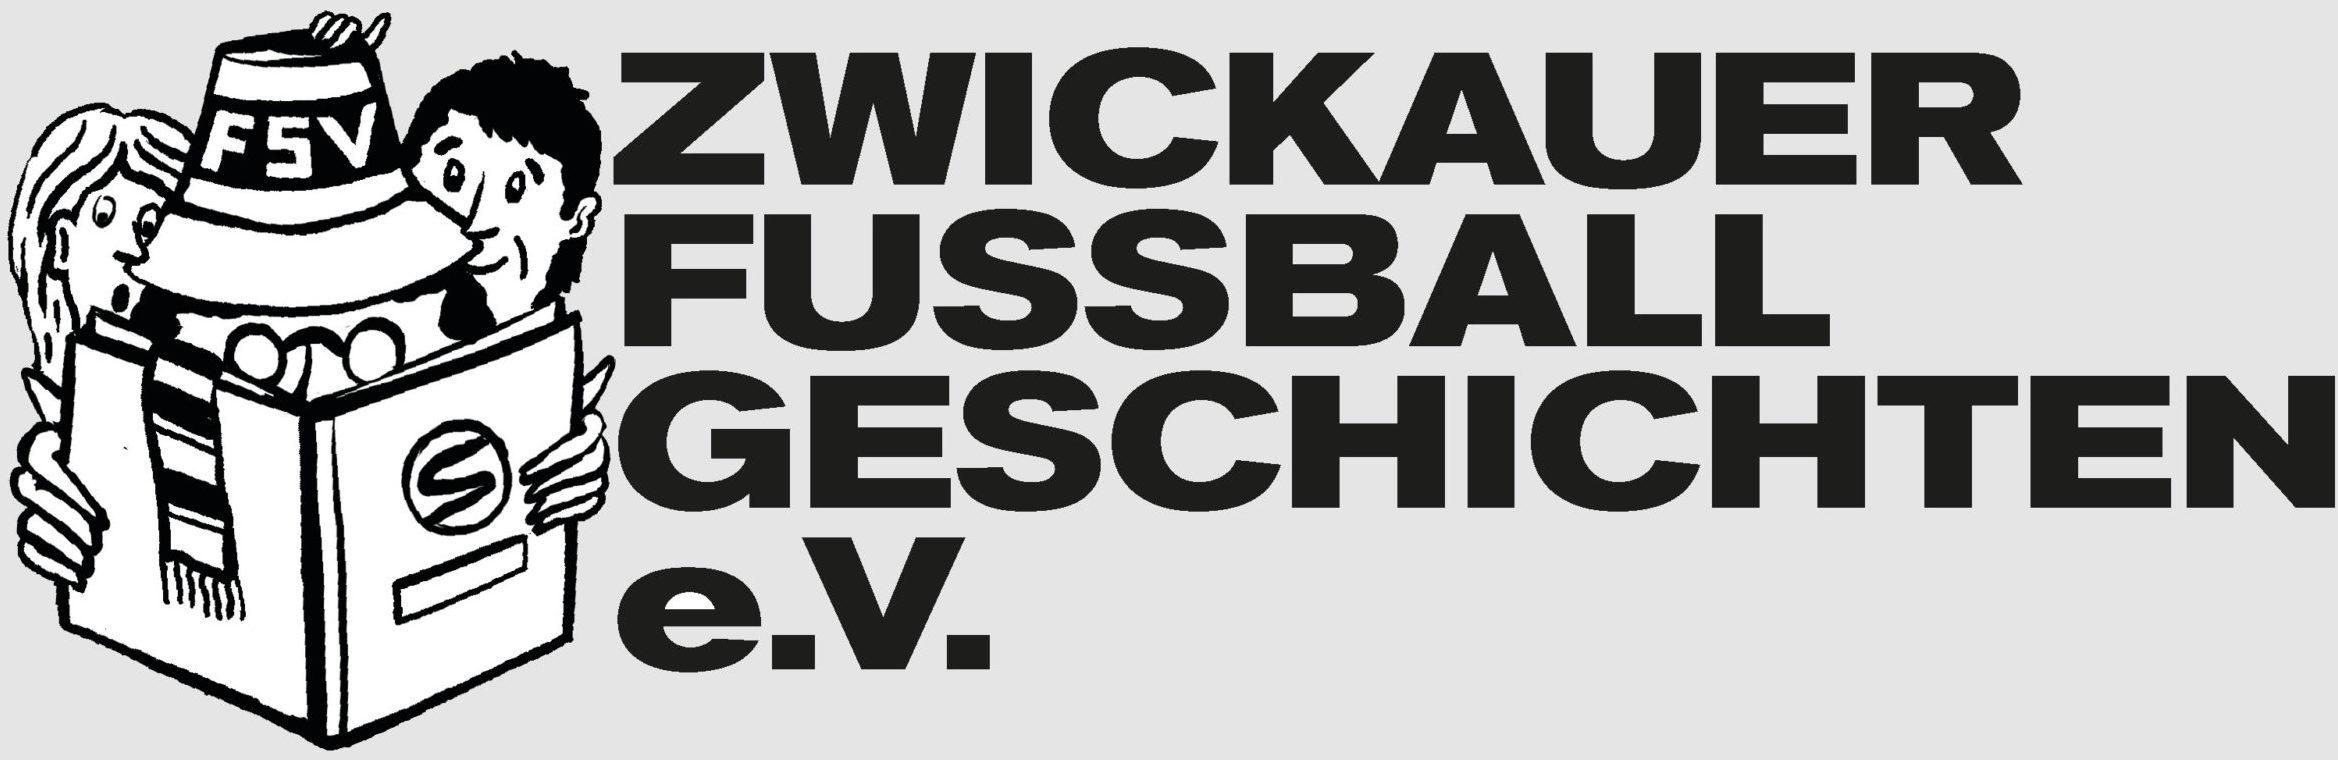 Zwickauer Fussballgeschichten e.V.